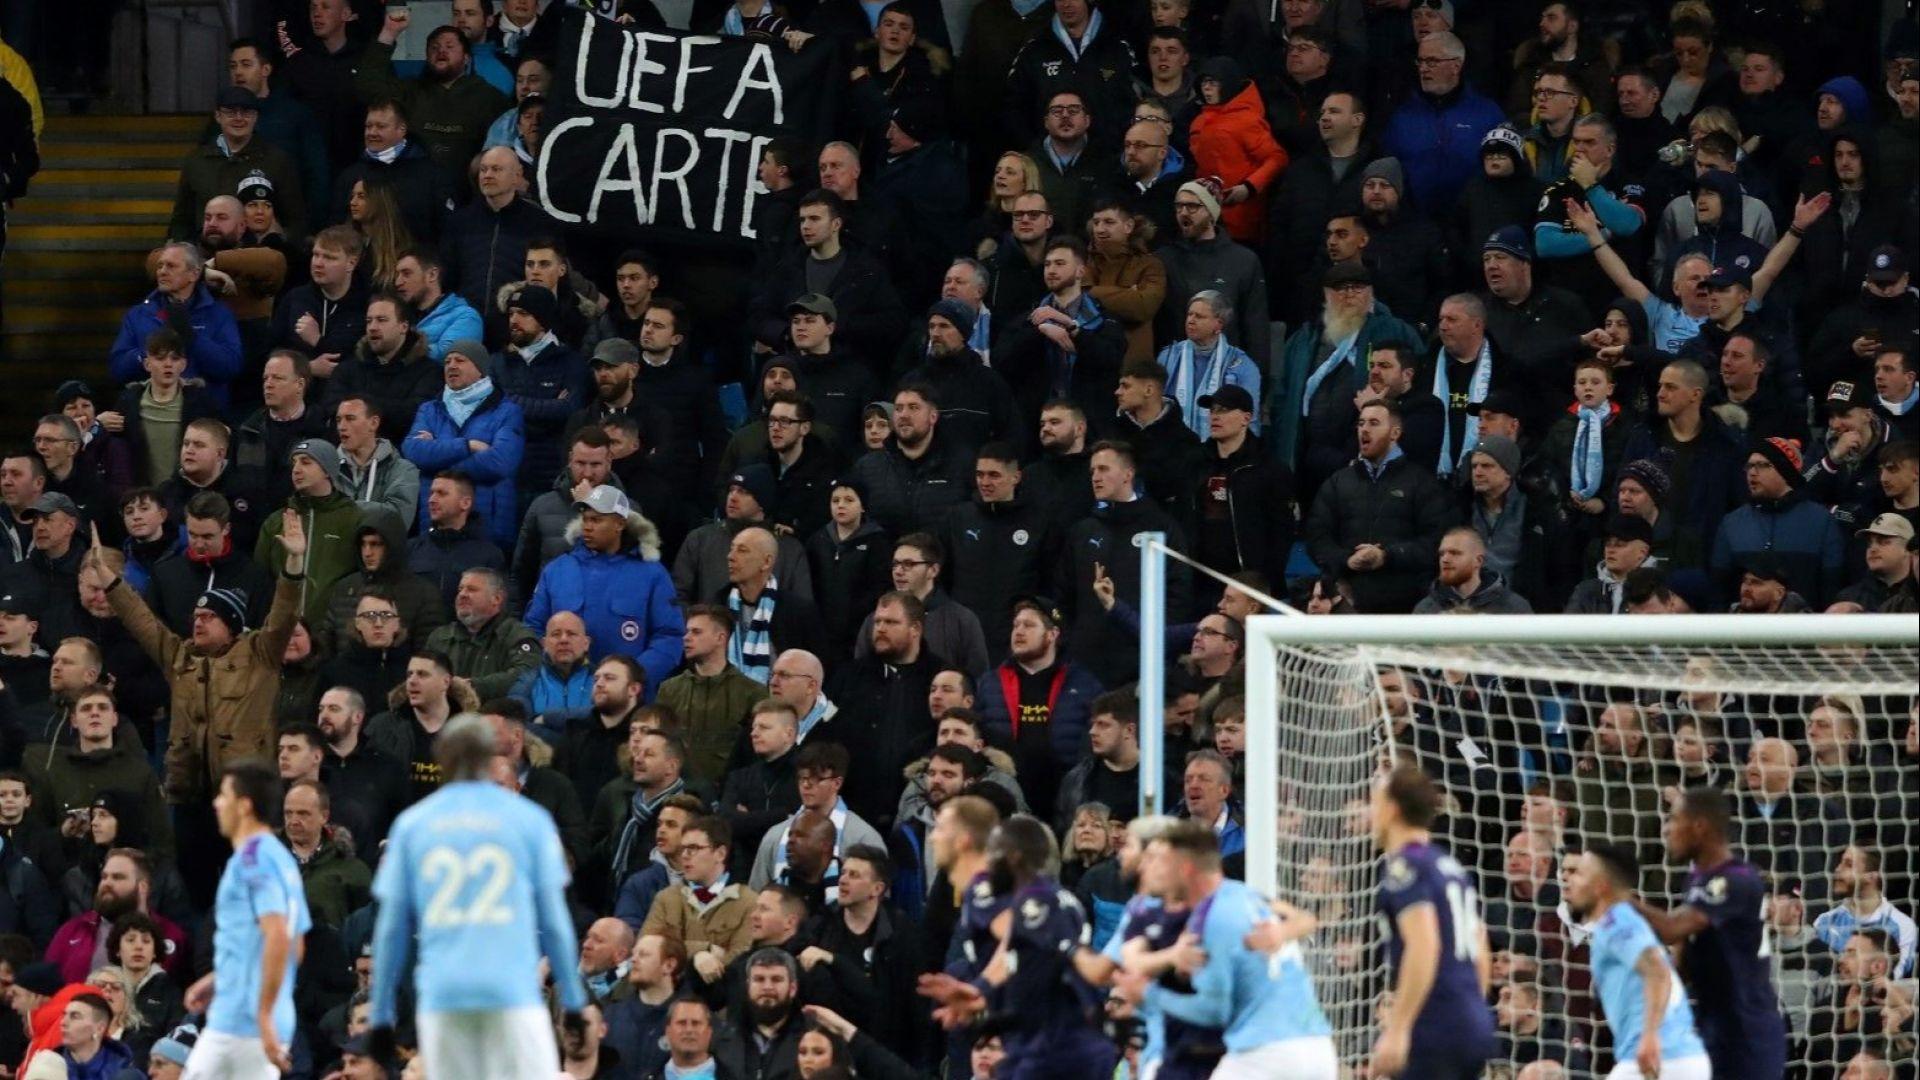 Забавна вечер в Манчестър - обиди към УЕФА, сарказъм срещу Сити и загадъчни думи от Пеп